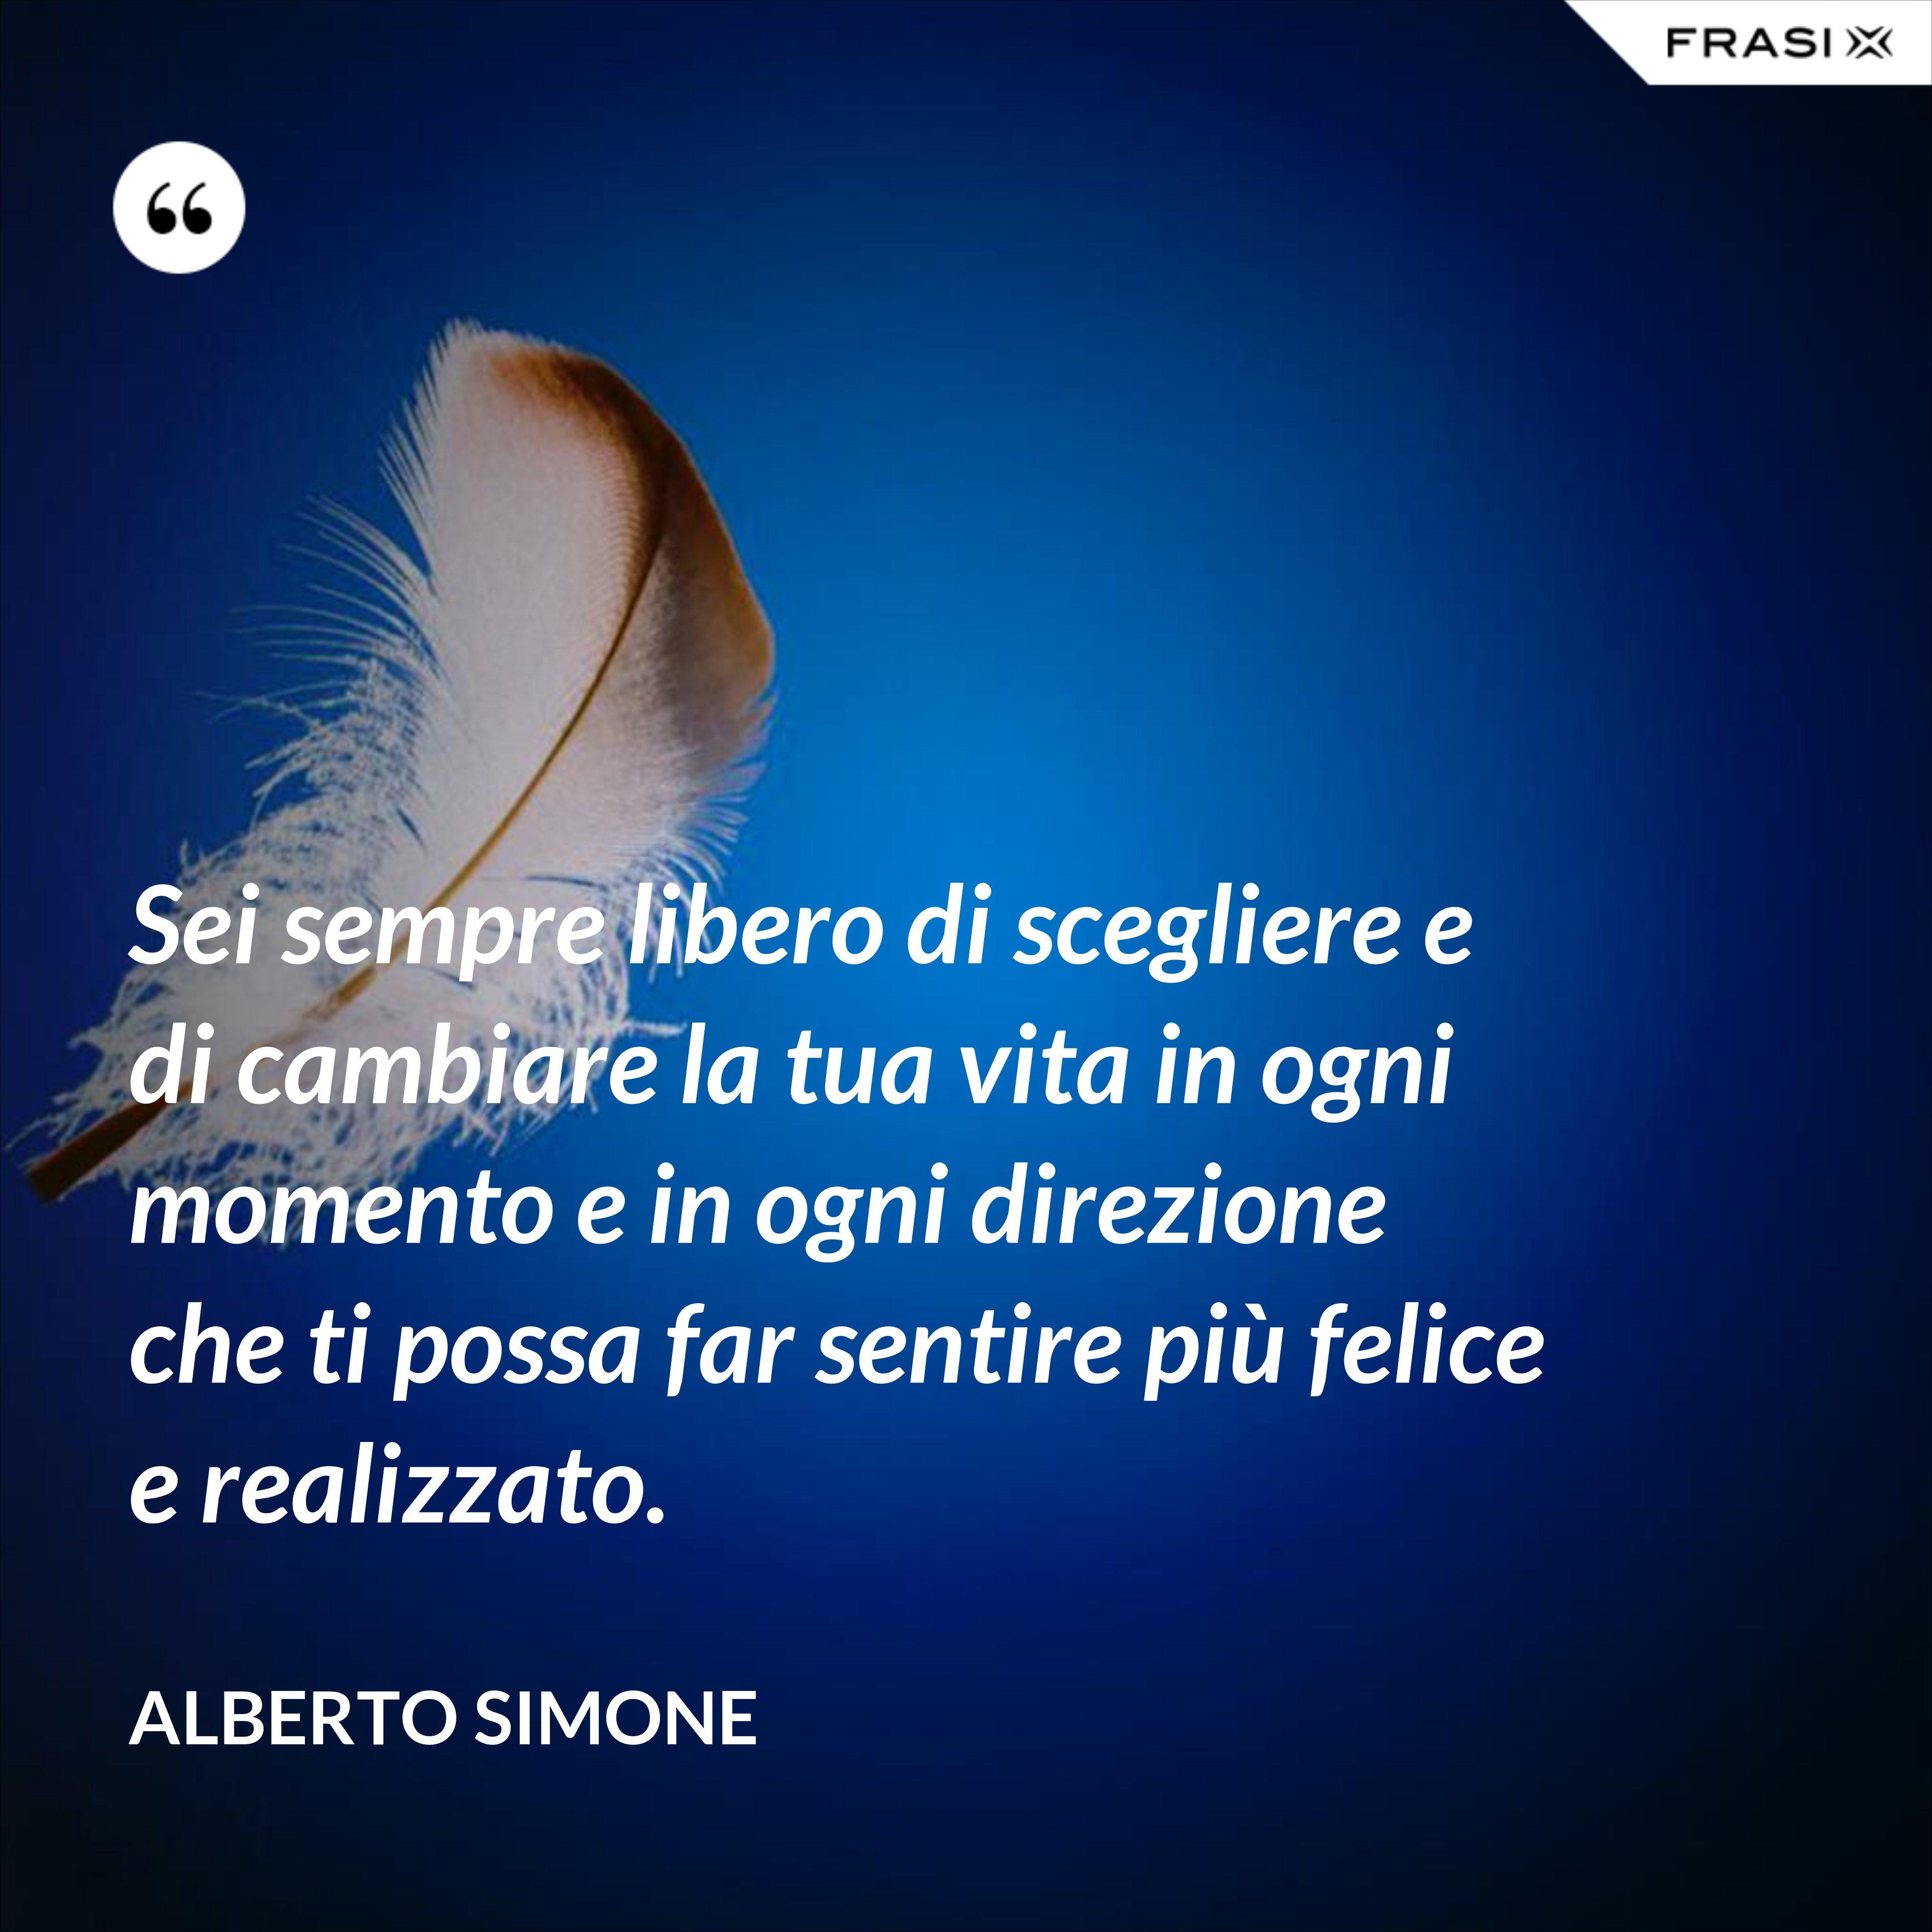 Sei sempre libero di scegliere e di cambiare la tua vita in ogni momento e in ogni direzione che ti possa far sentire più felice e realizzato. - Alberto Simone